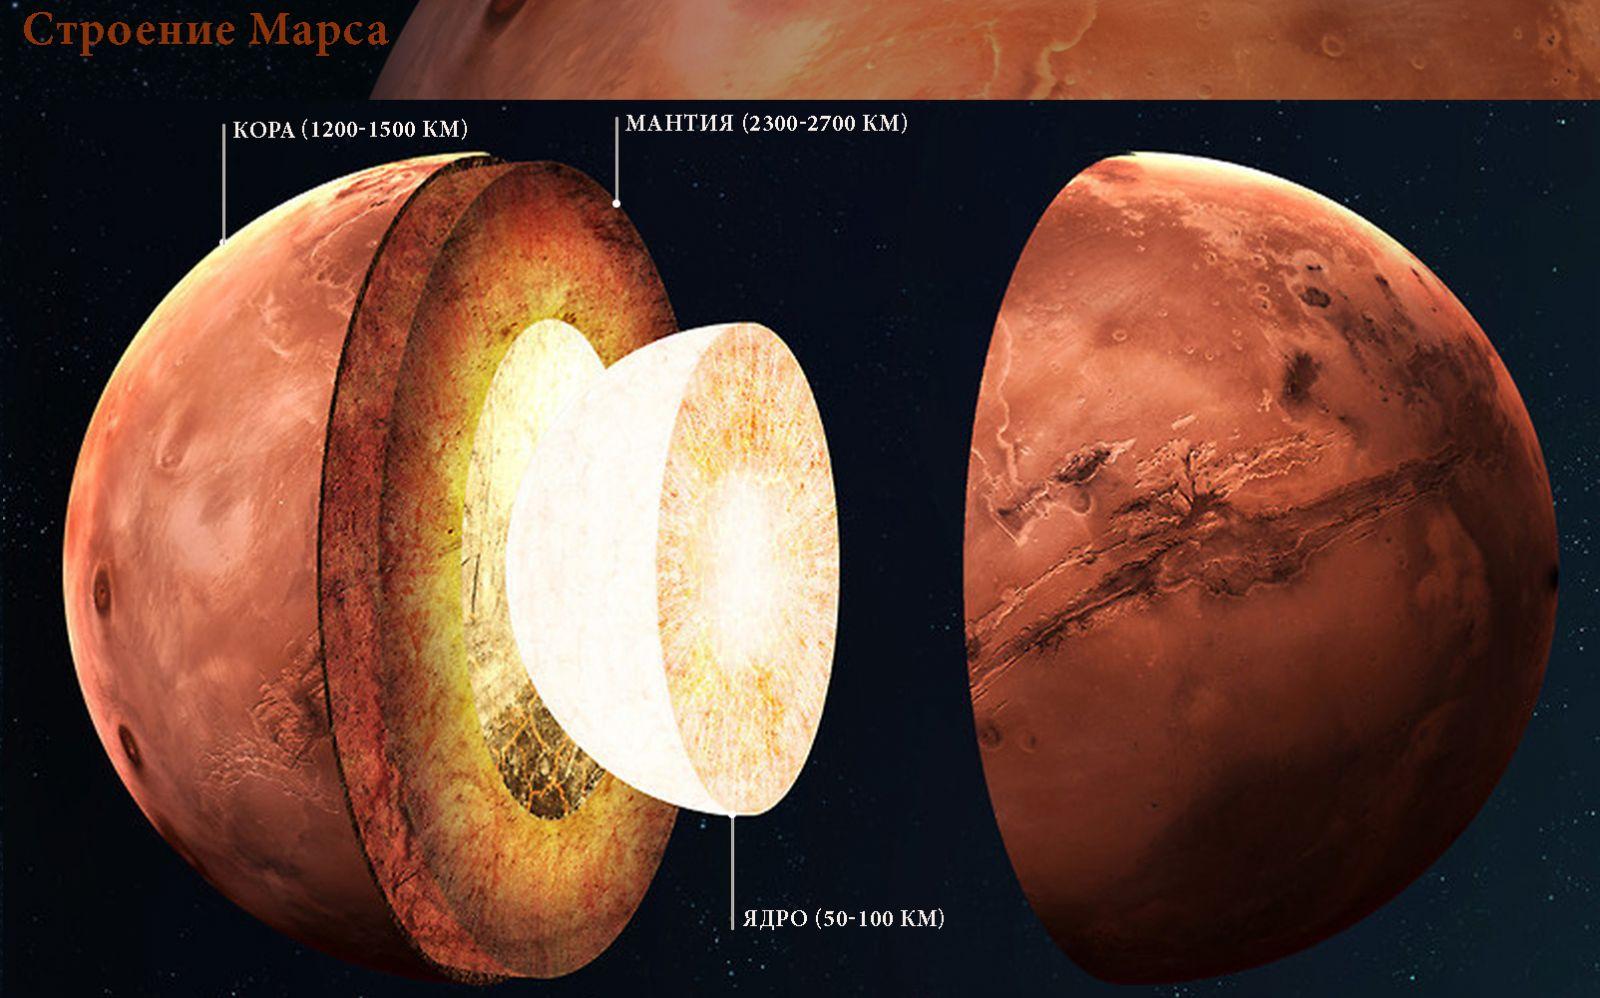 Изображение строения планеты Марс